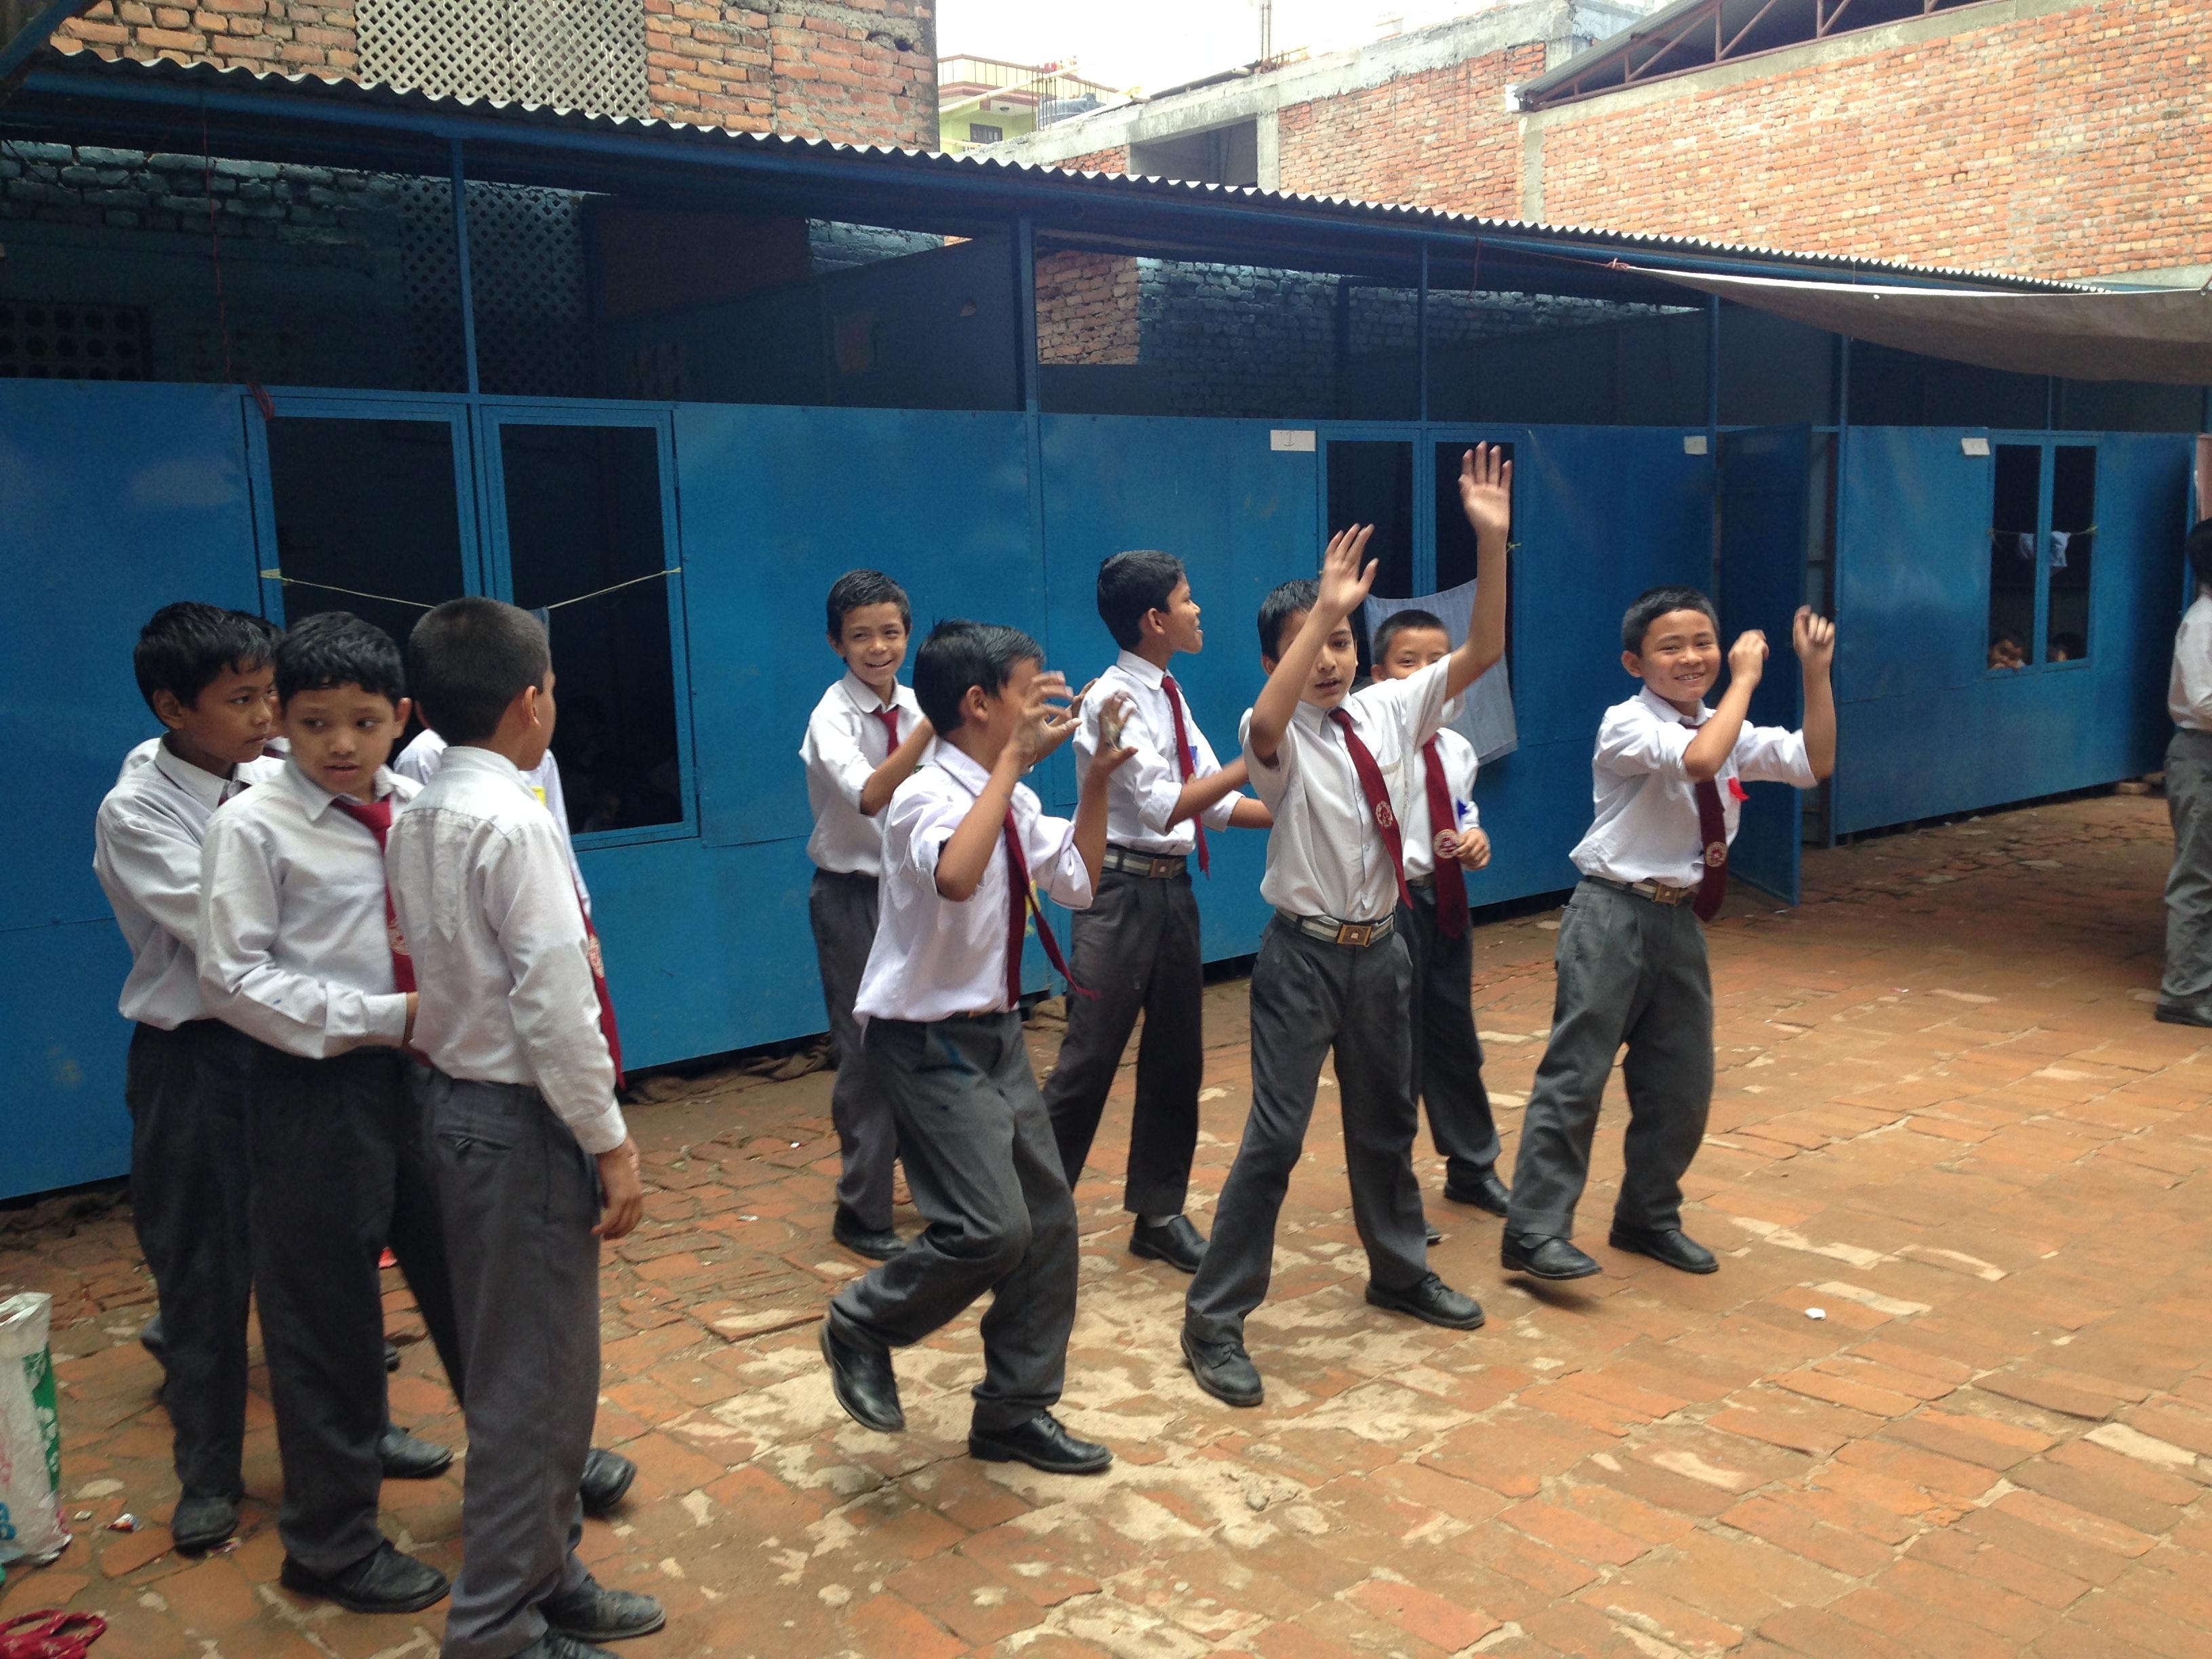 歌いながらダンスの練習